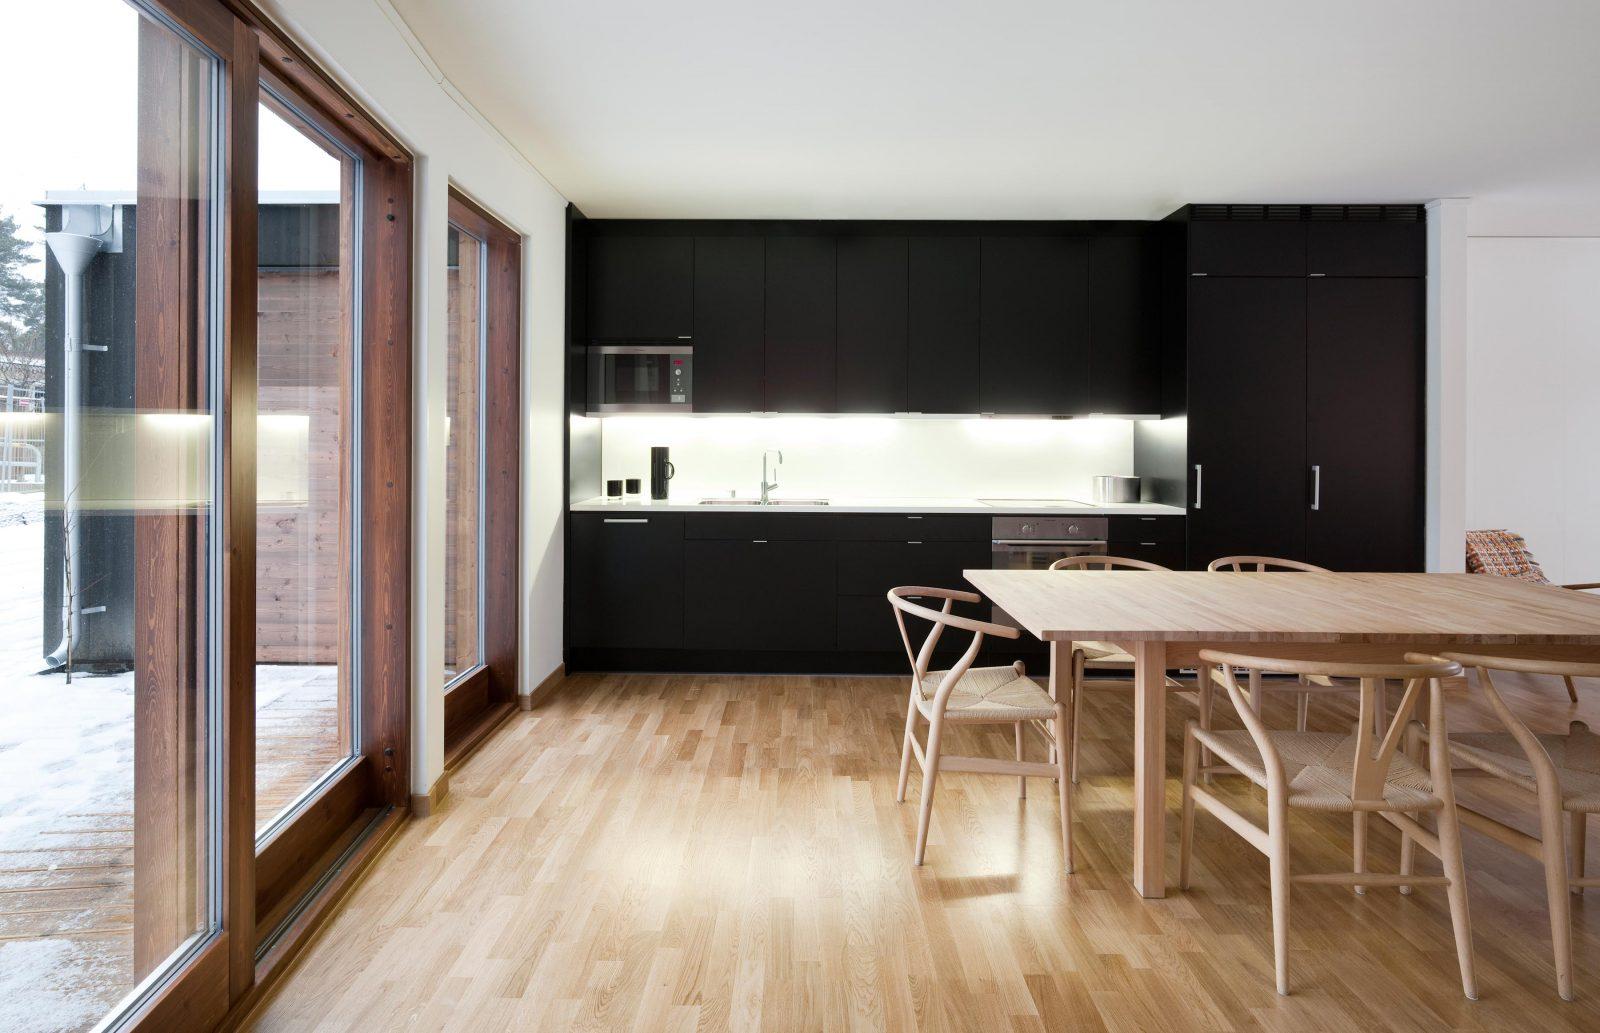 KjellanderSjoberg Lansradet kitchen